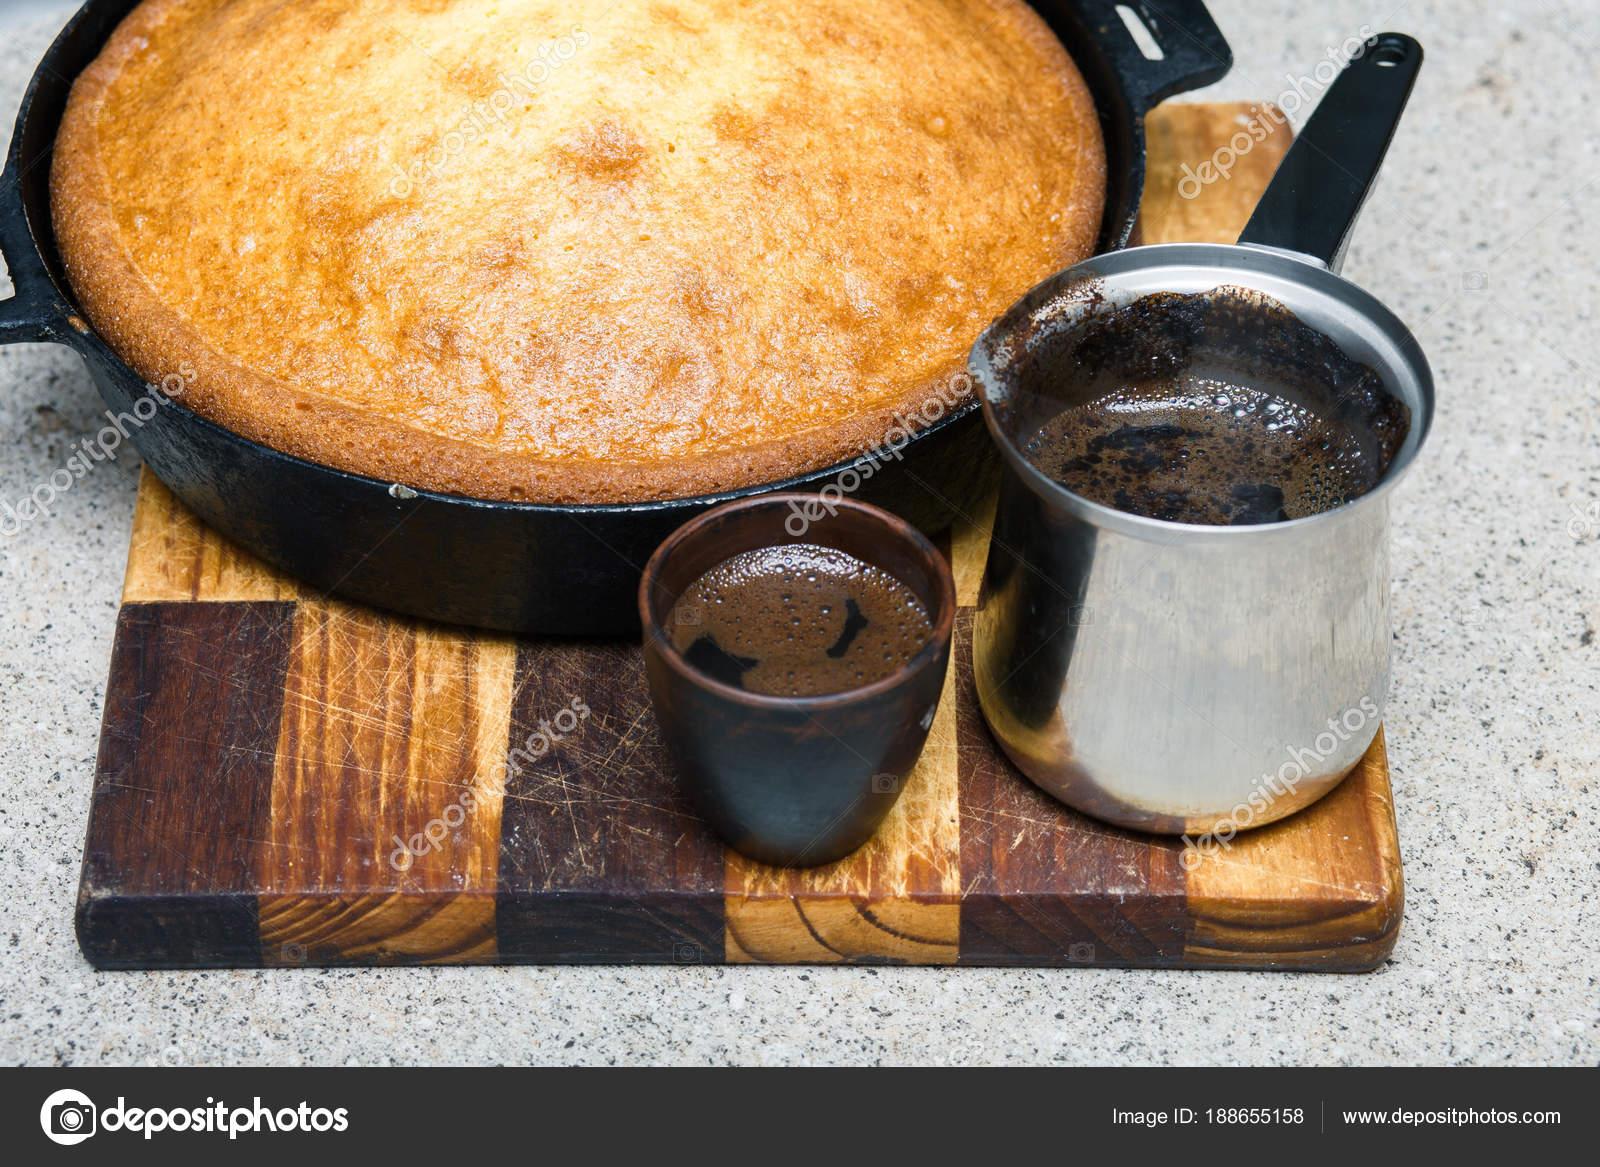 Hausgemachte Kuchen In Einer Pfanne Erhitzen Und Kaffee Auf Einer